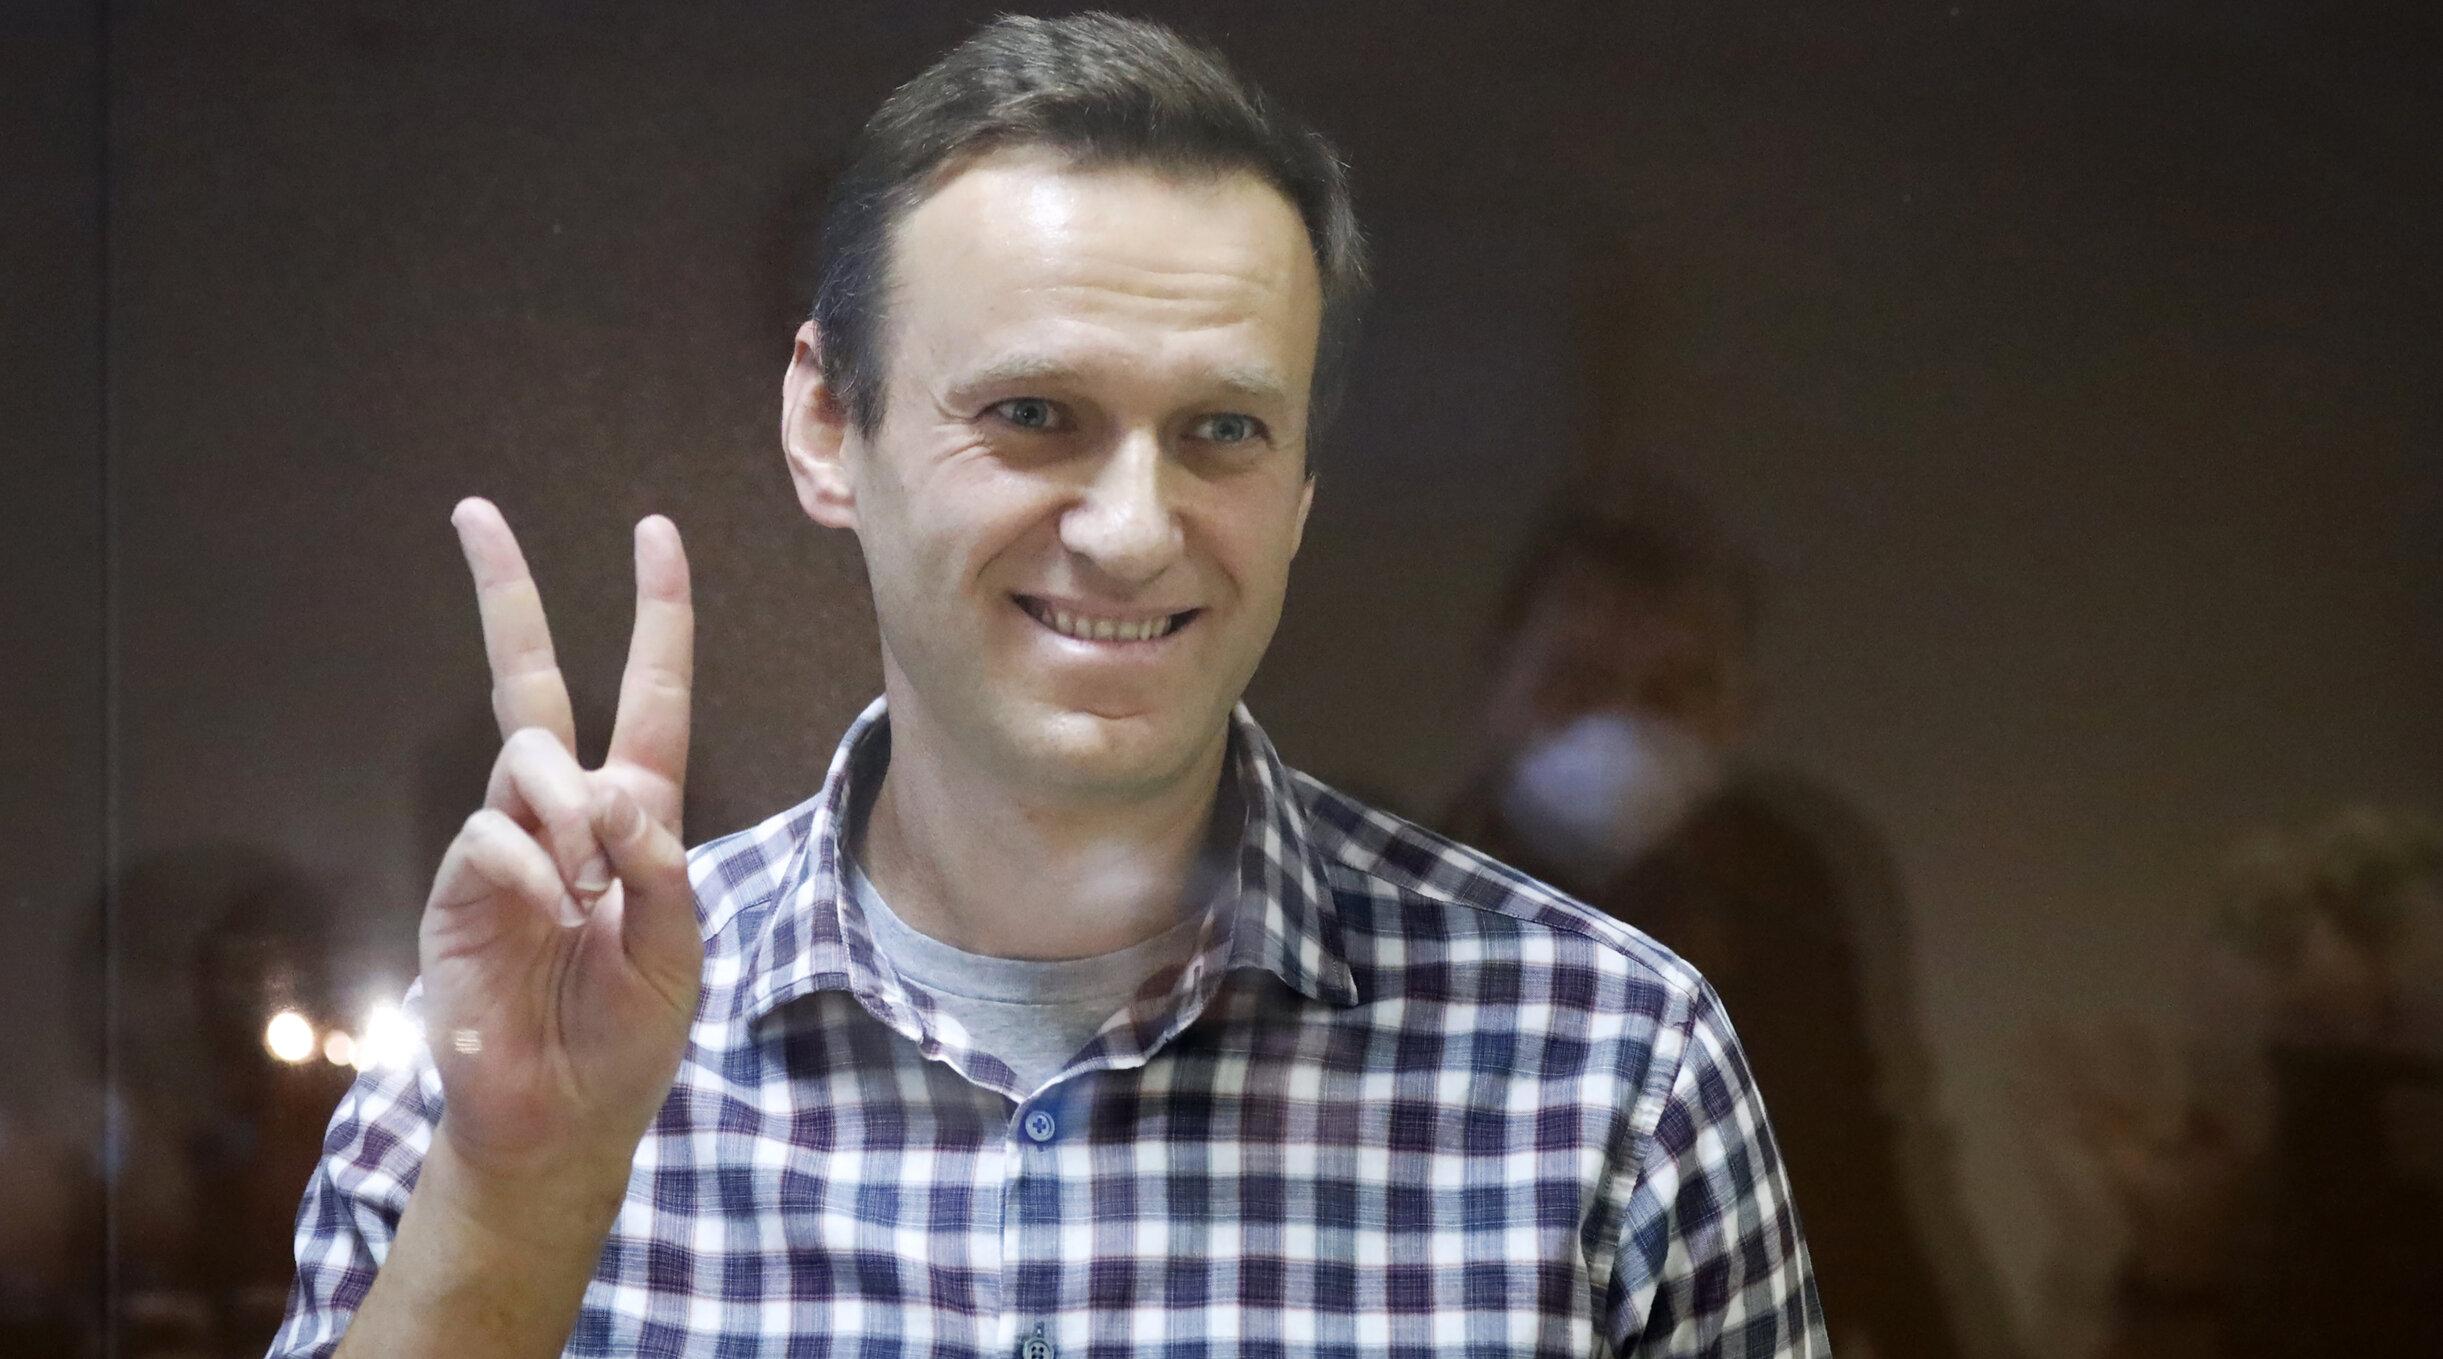 SUA decide că regimul de la Kremlin l-a otrăvit pe Navalnîi și impune sancțiuni Rusiei